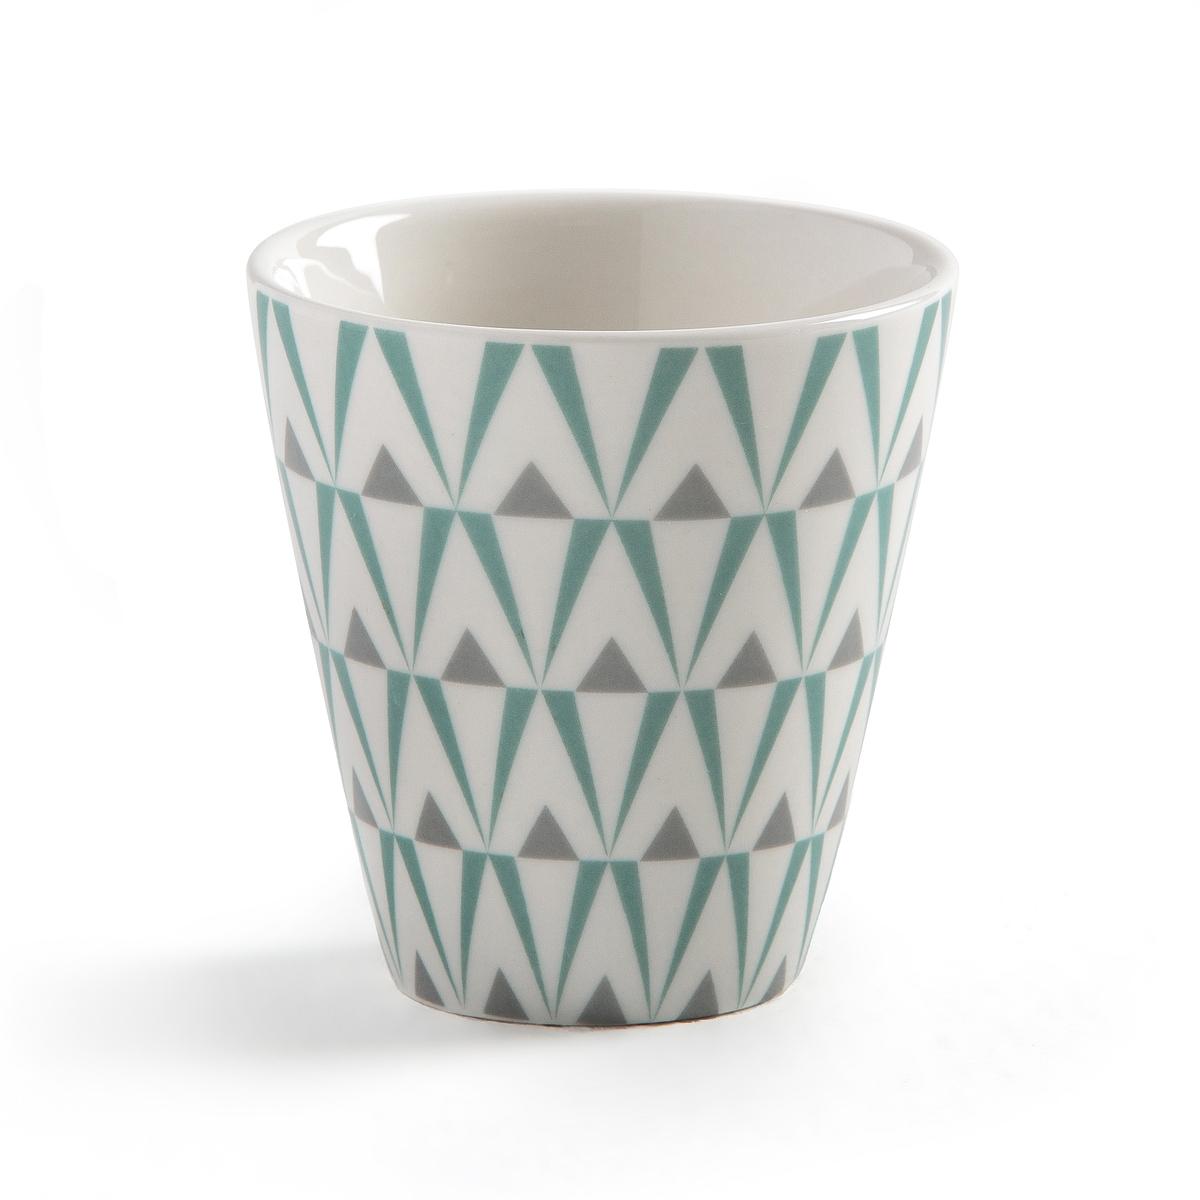 Чашки кофейные из фарфора, 4 шт.Комплект из 4 кофейных чашек из фарфора и 4 блюдец из бамбука La redoute Int?rieurs. Чашки с двухцветным геометрическим узором. В подарочной упаковке.Характеристики 4 кофейных чашек:-  Кофейная чашка из фарфора и блюдце из бамбука- Диаметр сверху: 6,5 см- Высота : 6,7 см- Размеры блюдец из бамбука: 10 x 1,2 см- Объем : 150 мл - Чашки подходят для использования в посудомоечной машине и микроволновой печи- Продаются в комплекте из 4 штук в подарочной коробке<br><br>Цвет: белый/серый рисунок